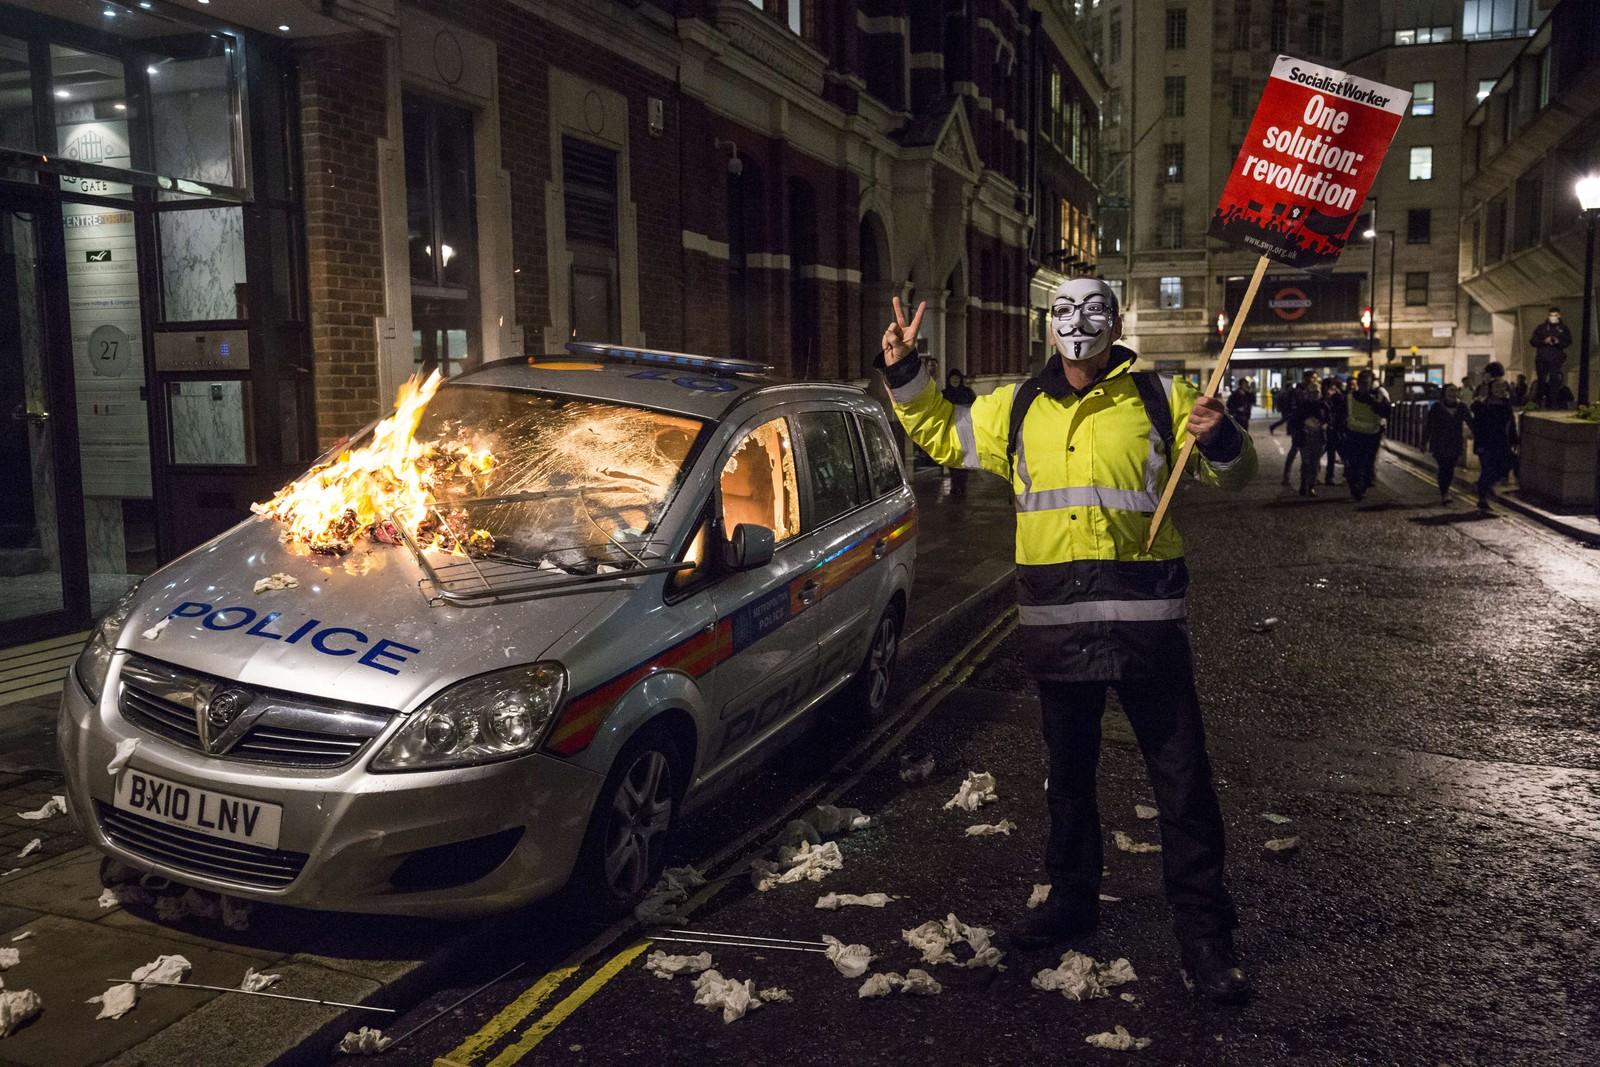 """En demonstrant med Guy Fawkes-maske står ved siden av en brennende politibil under """"Million Masks March"""", arrangert av hacker-gruppa Anonymous.  Guy Fawkes er mannen som prøvde å sprenge det britiske parlamentet i 1605, noe som 5. november hvert år."""